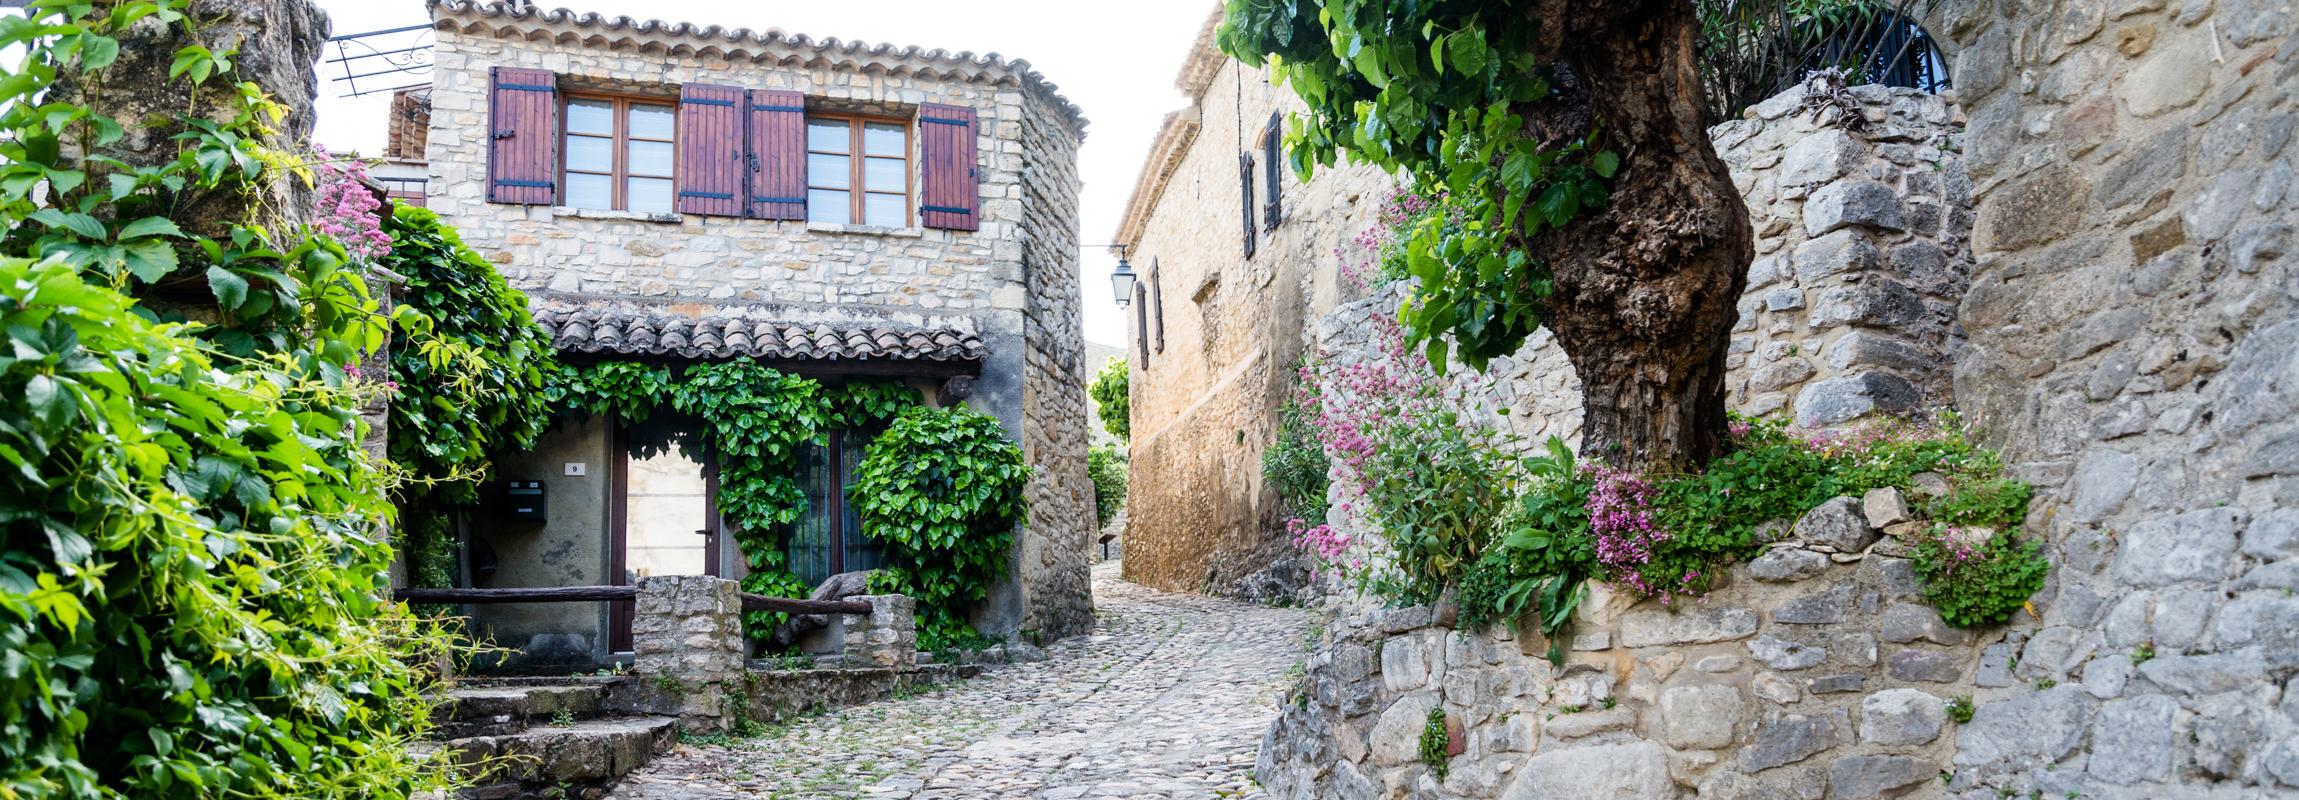 Das Hotel Château de Montcaud liegt am Eingangs des Vallée de la Cèze, am Rande der Provence in Südfrankreich, welche für Ihre lieblichen Dörfer bekannt ist.